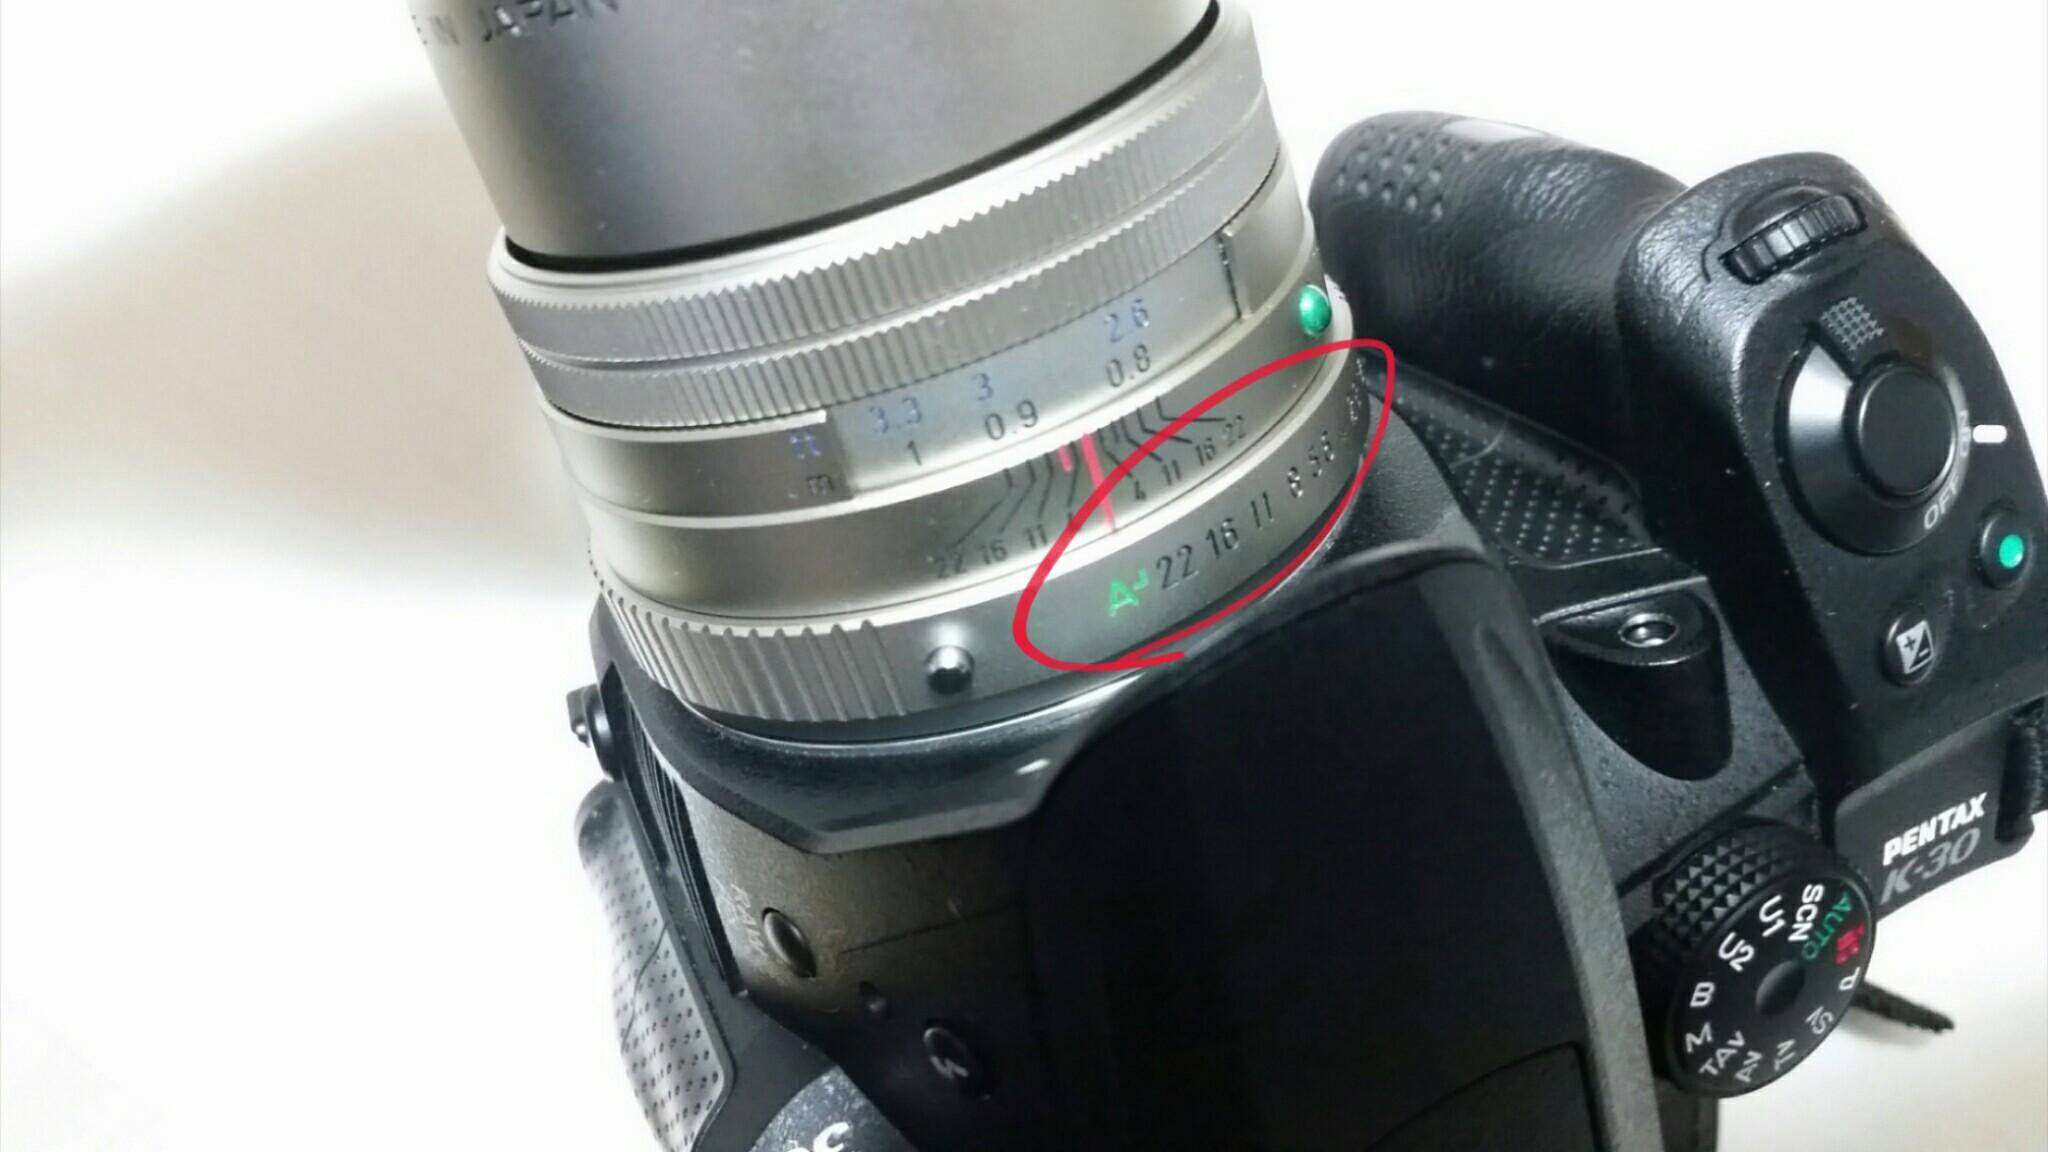 f:id:bike-camera:20160121221735j:image